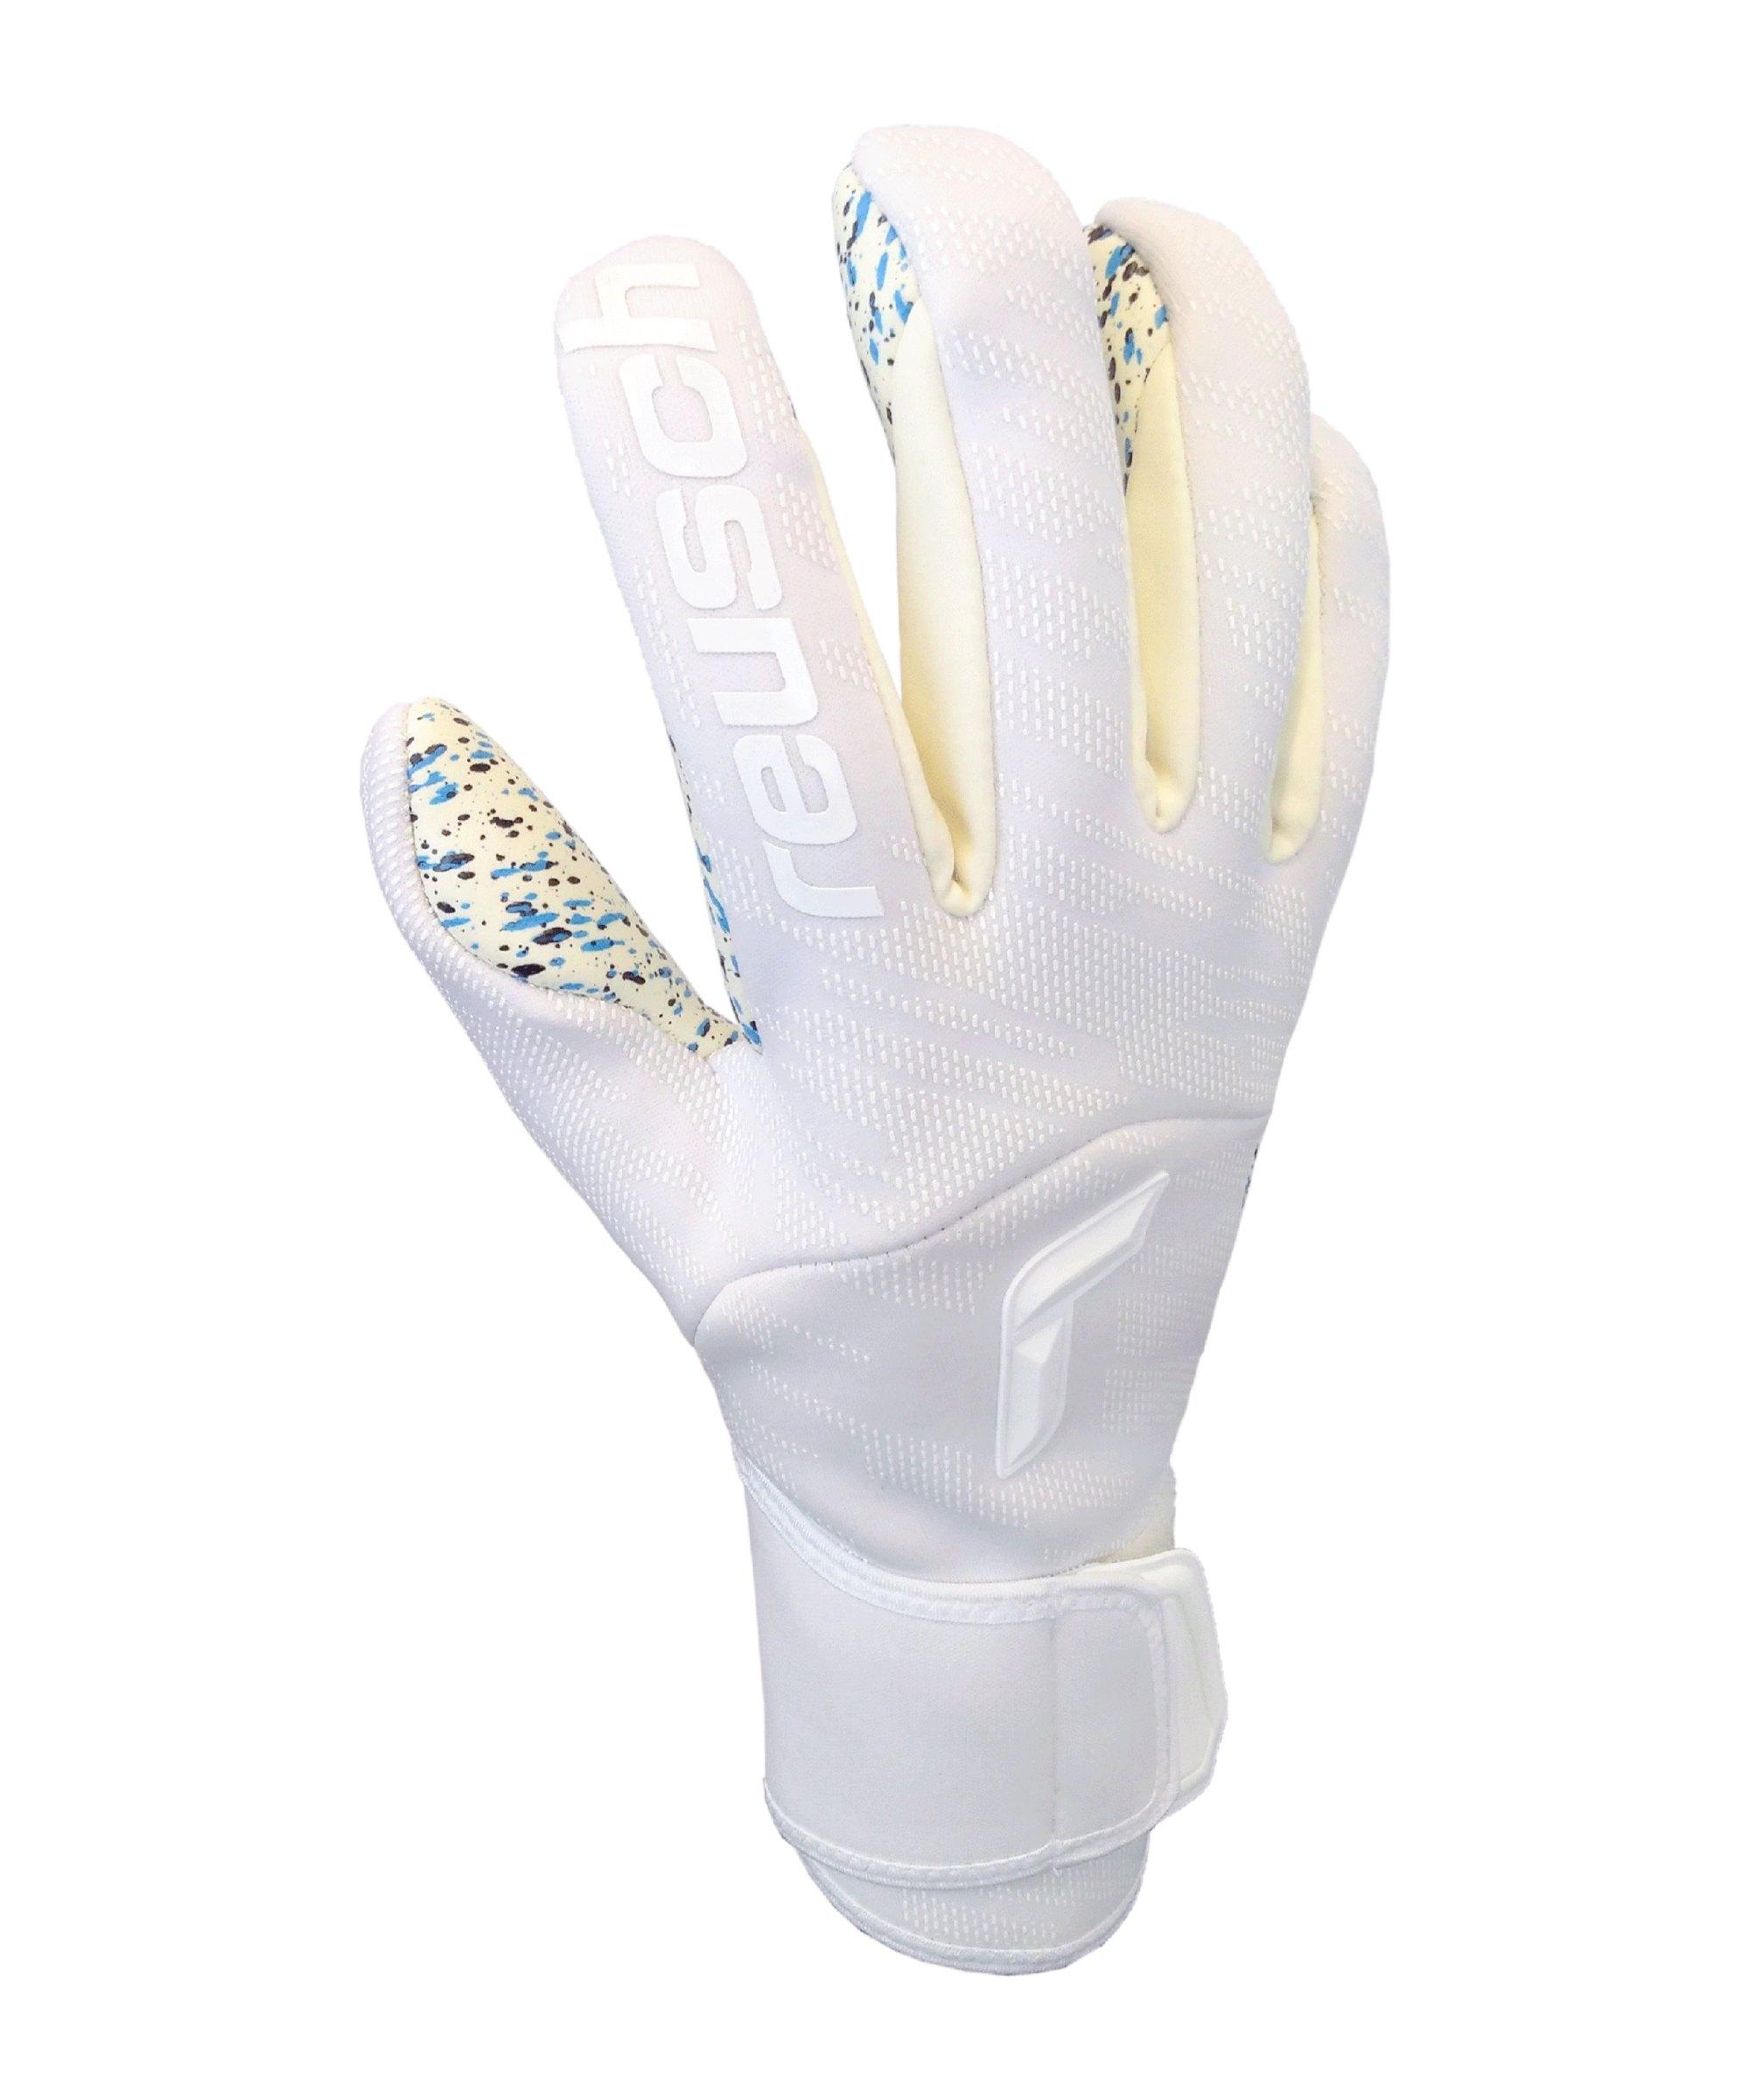 Reusch Pure Contact Fusion TW-Handschuh F1100 - weiss